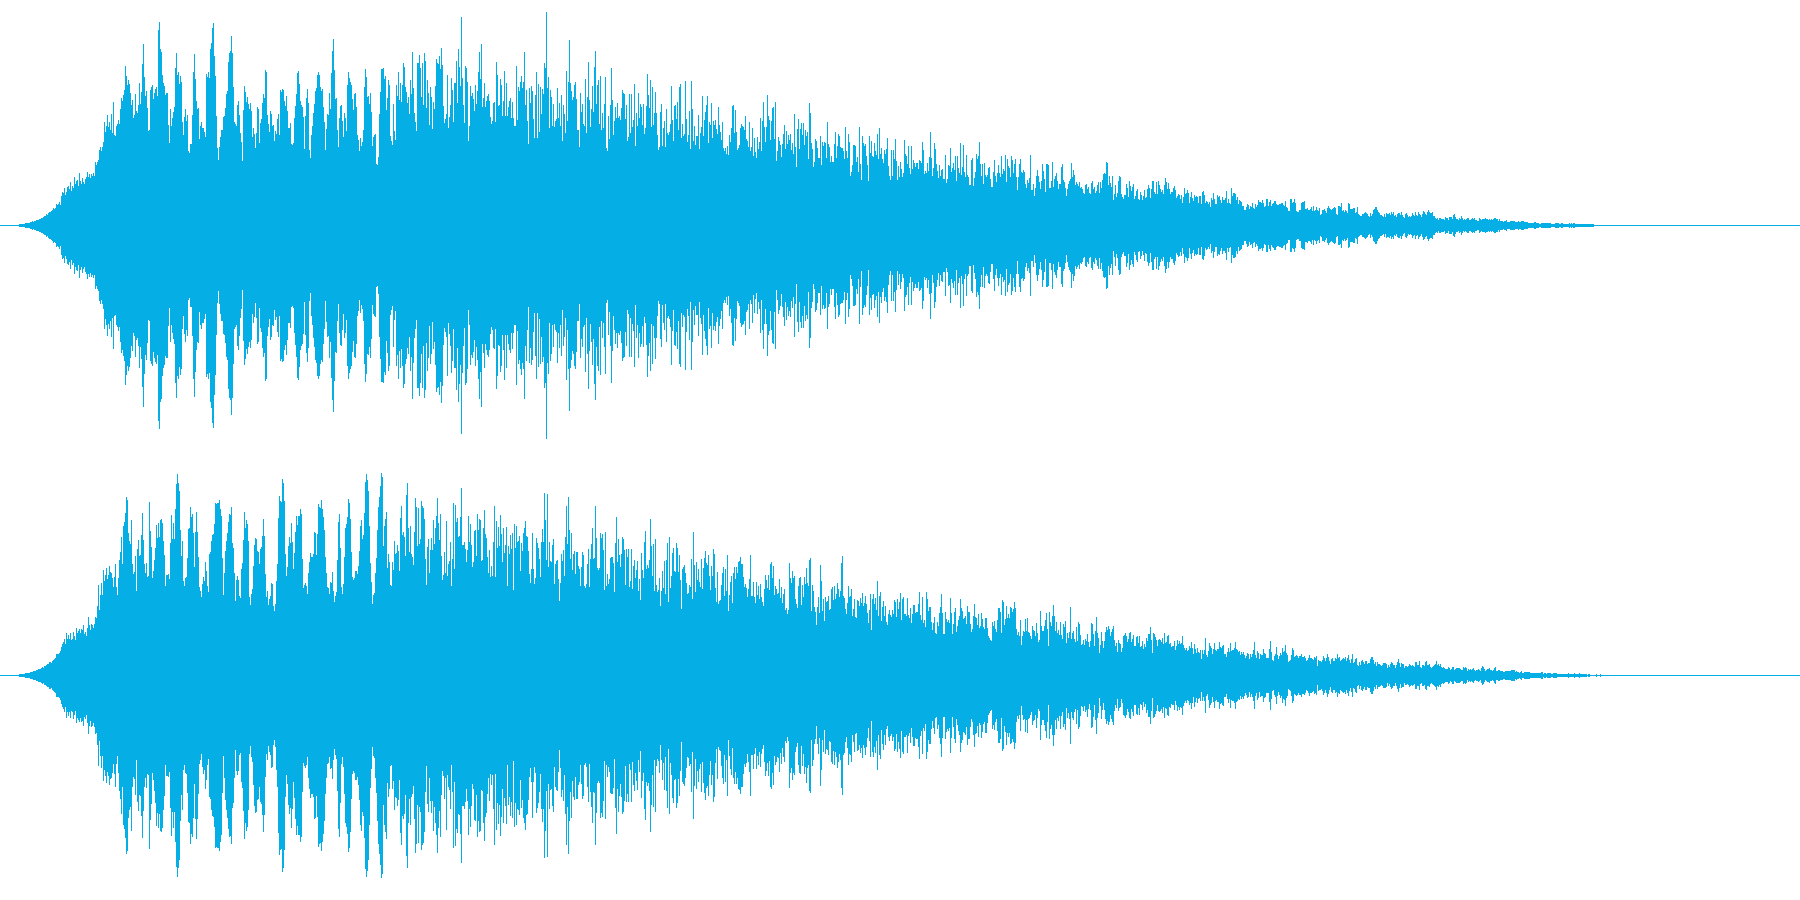 ディスコサイレン タイプAの再生済みの波形